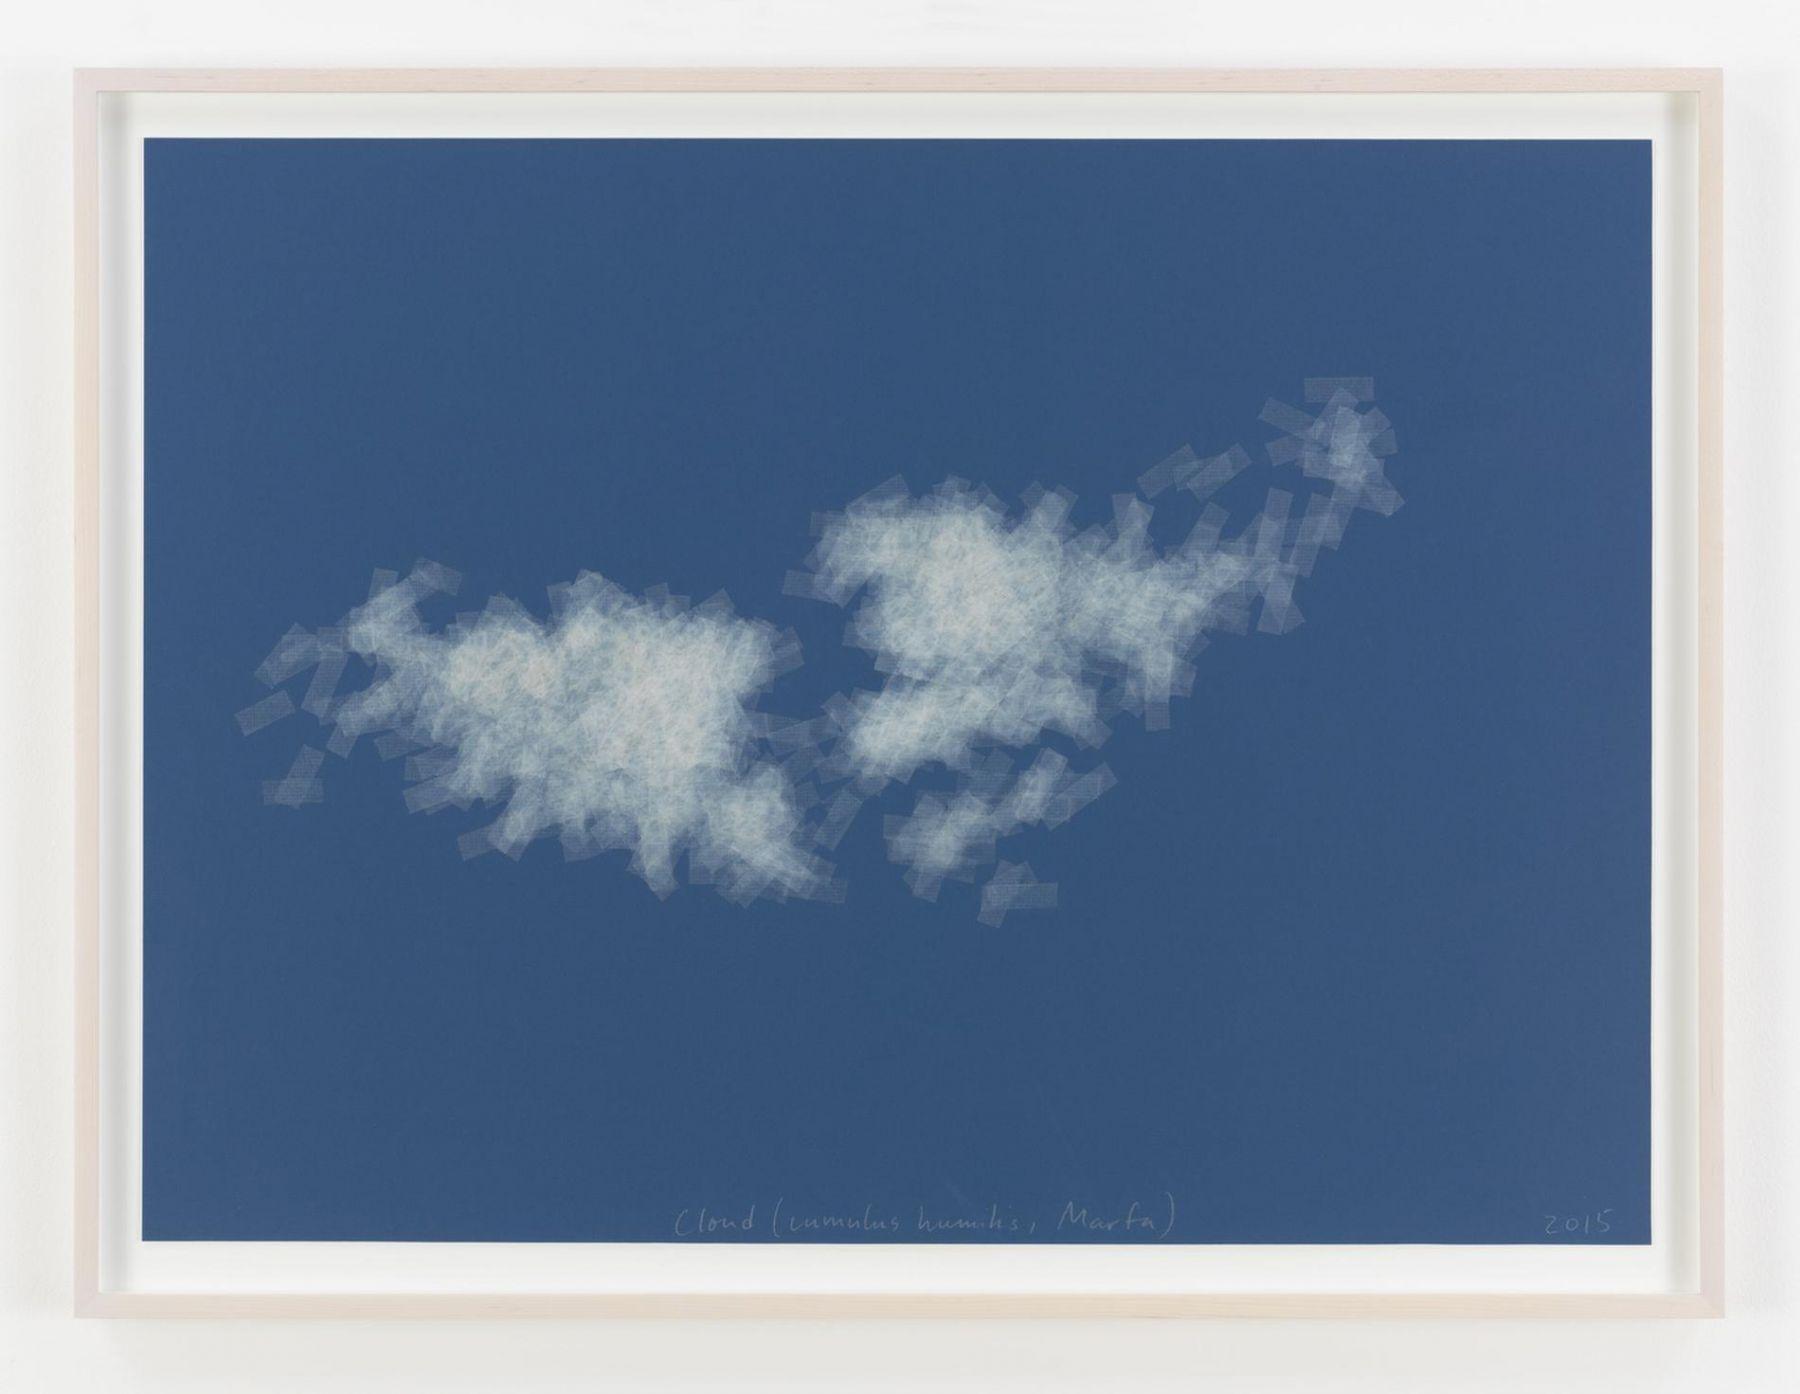 , SPENCER FINCH, Cloud (cumulus humilis, Marfa), 2015, Scotch tape on paper, 22 1/2 x 30 in. (57.1 x 76.2 cm)